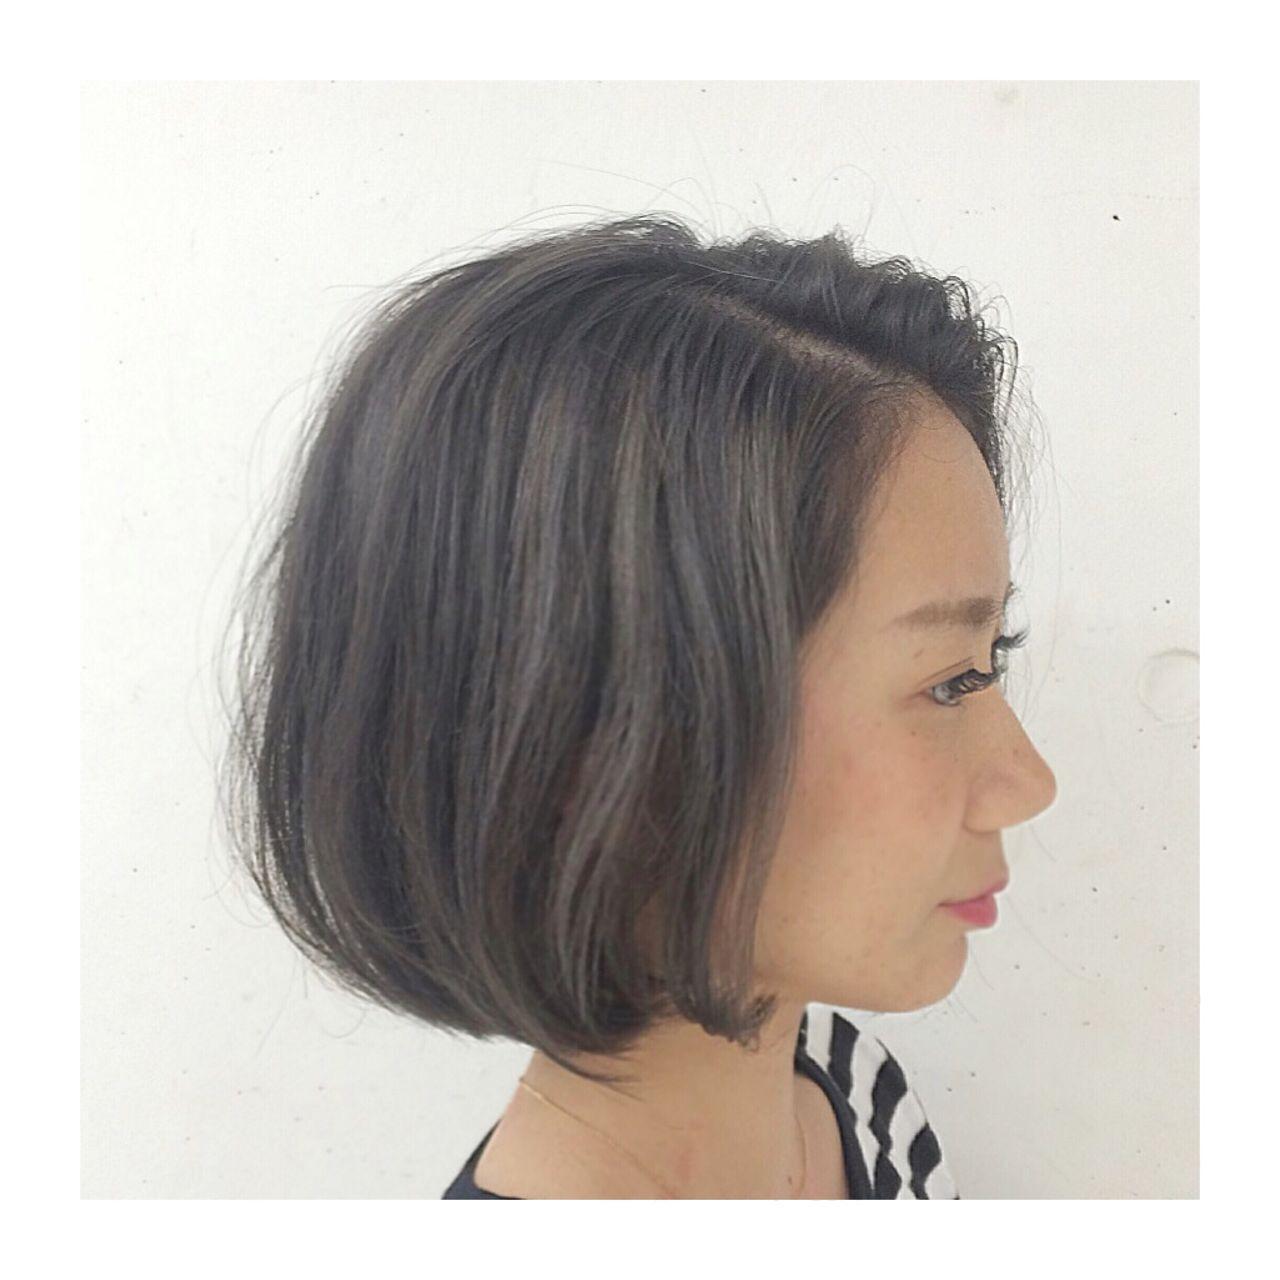 ストリート ボブ マルサラヘアスタイルや髪型の写真・画像